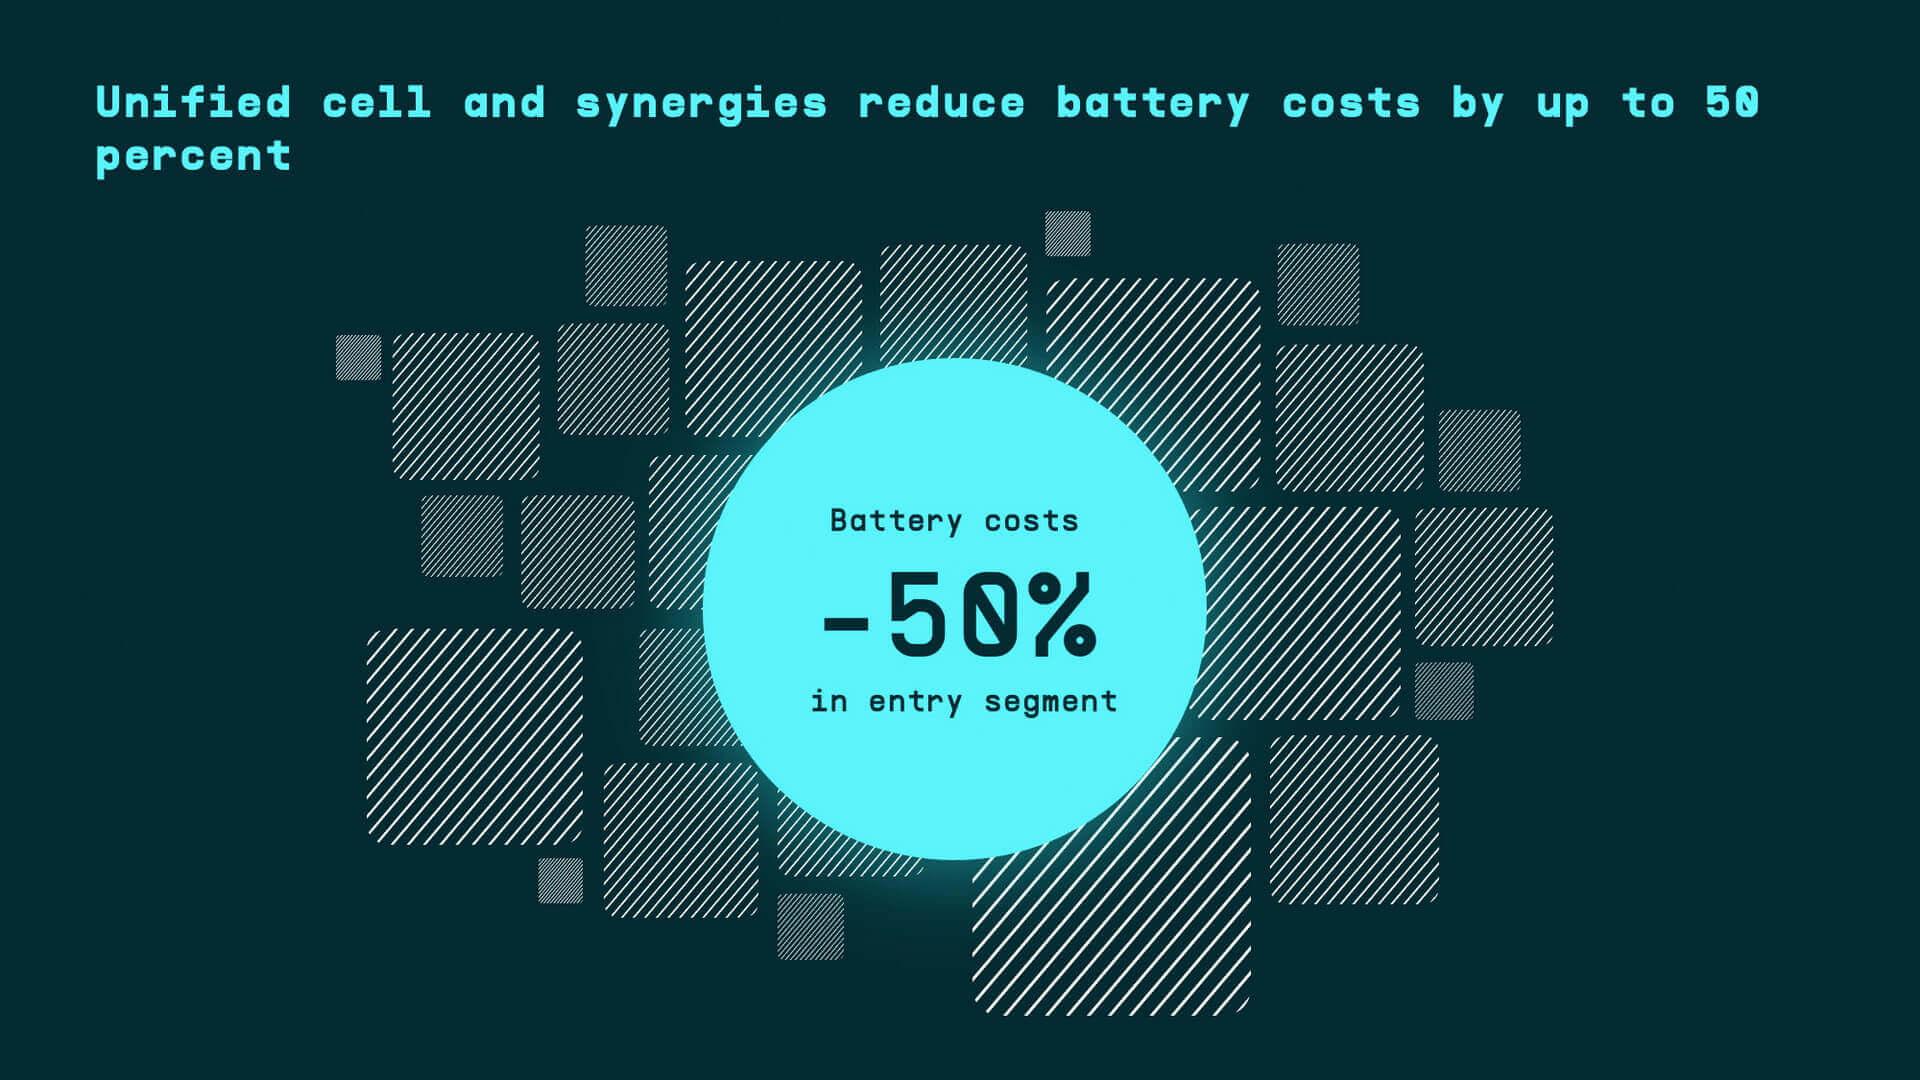 Унифицированная аккумуляторная ячейка и масштабность сократят расходы на батарею до 50%